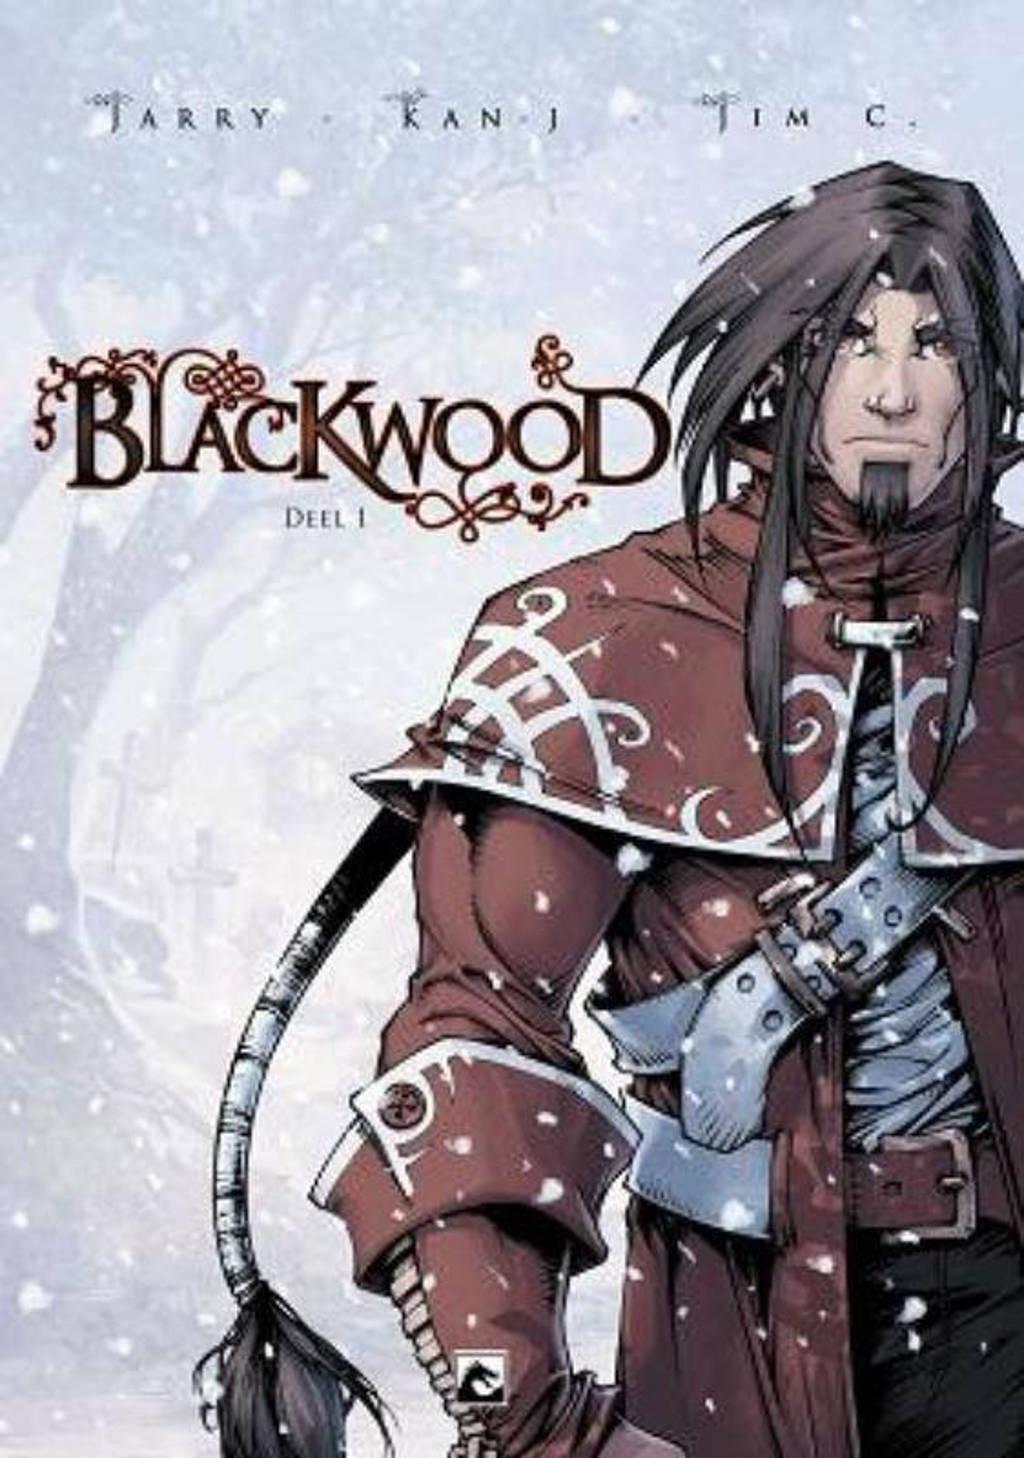 Blackwood 1 - Nicolas Jarry